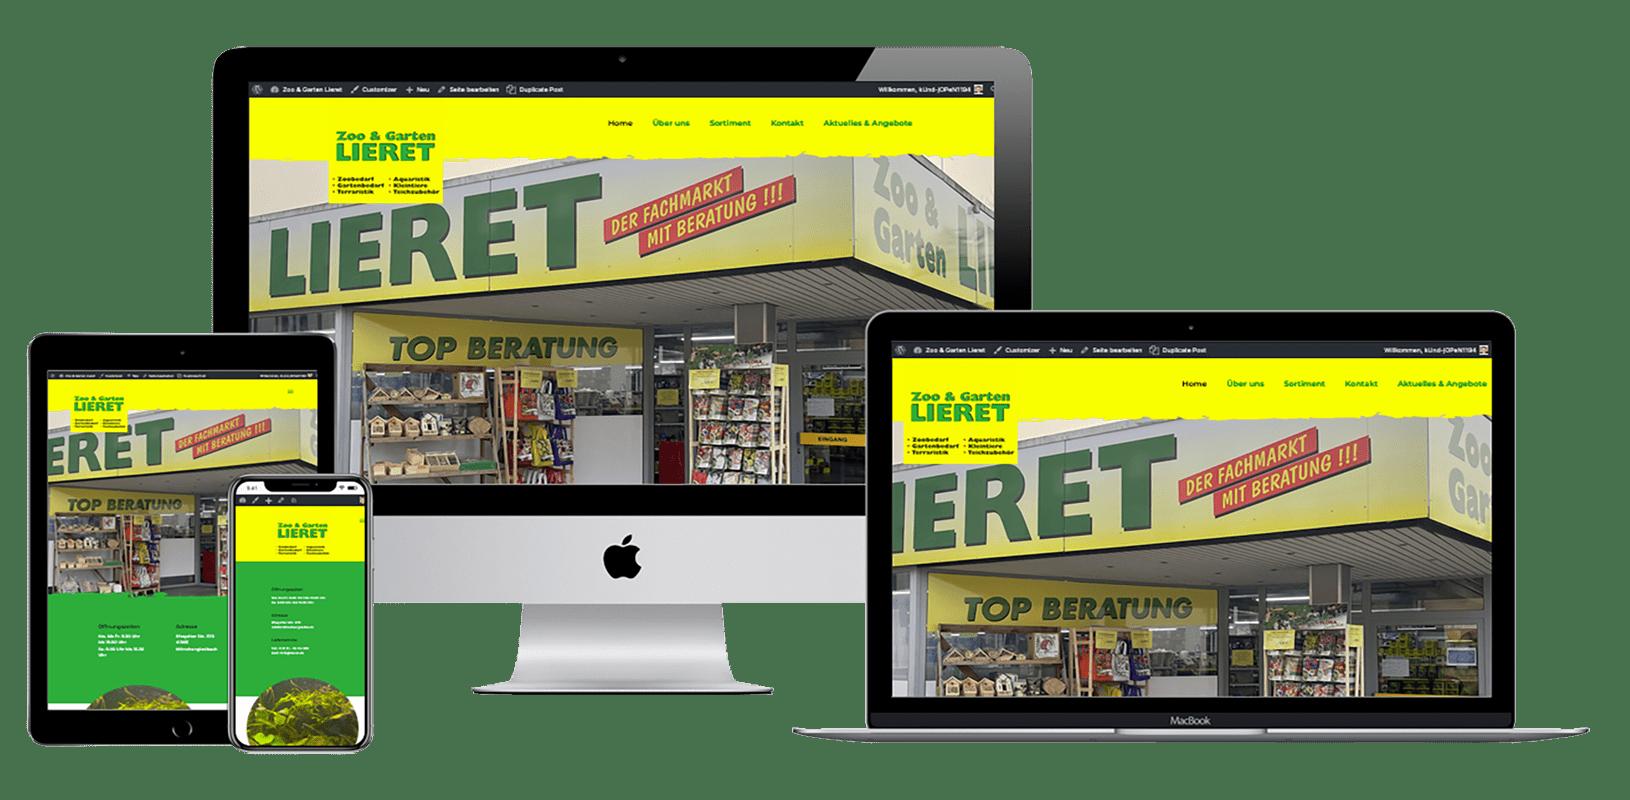 Zoo und Garten Lieret Webdesign